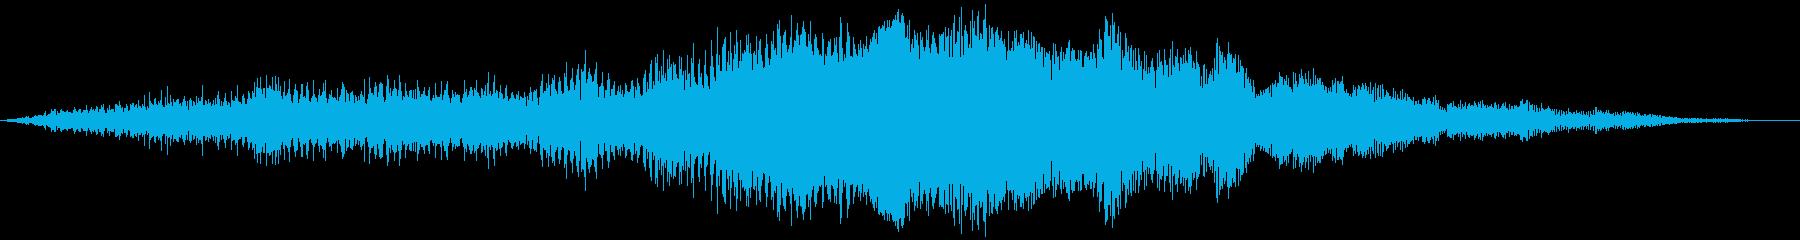 プロペラ機の持ち上がり(滑走路の端)の再生済みの波形